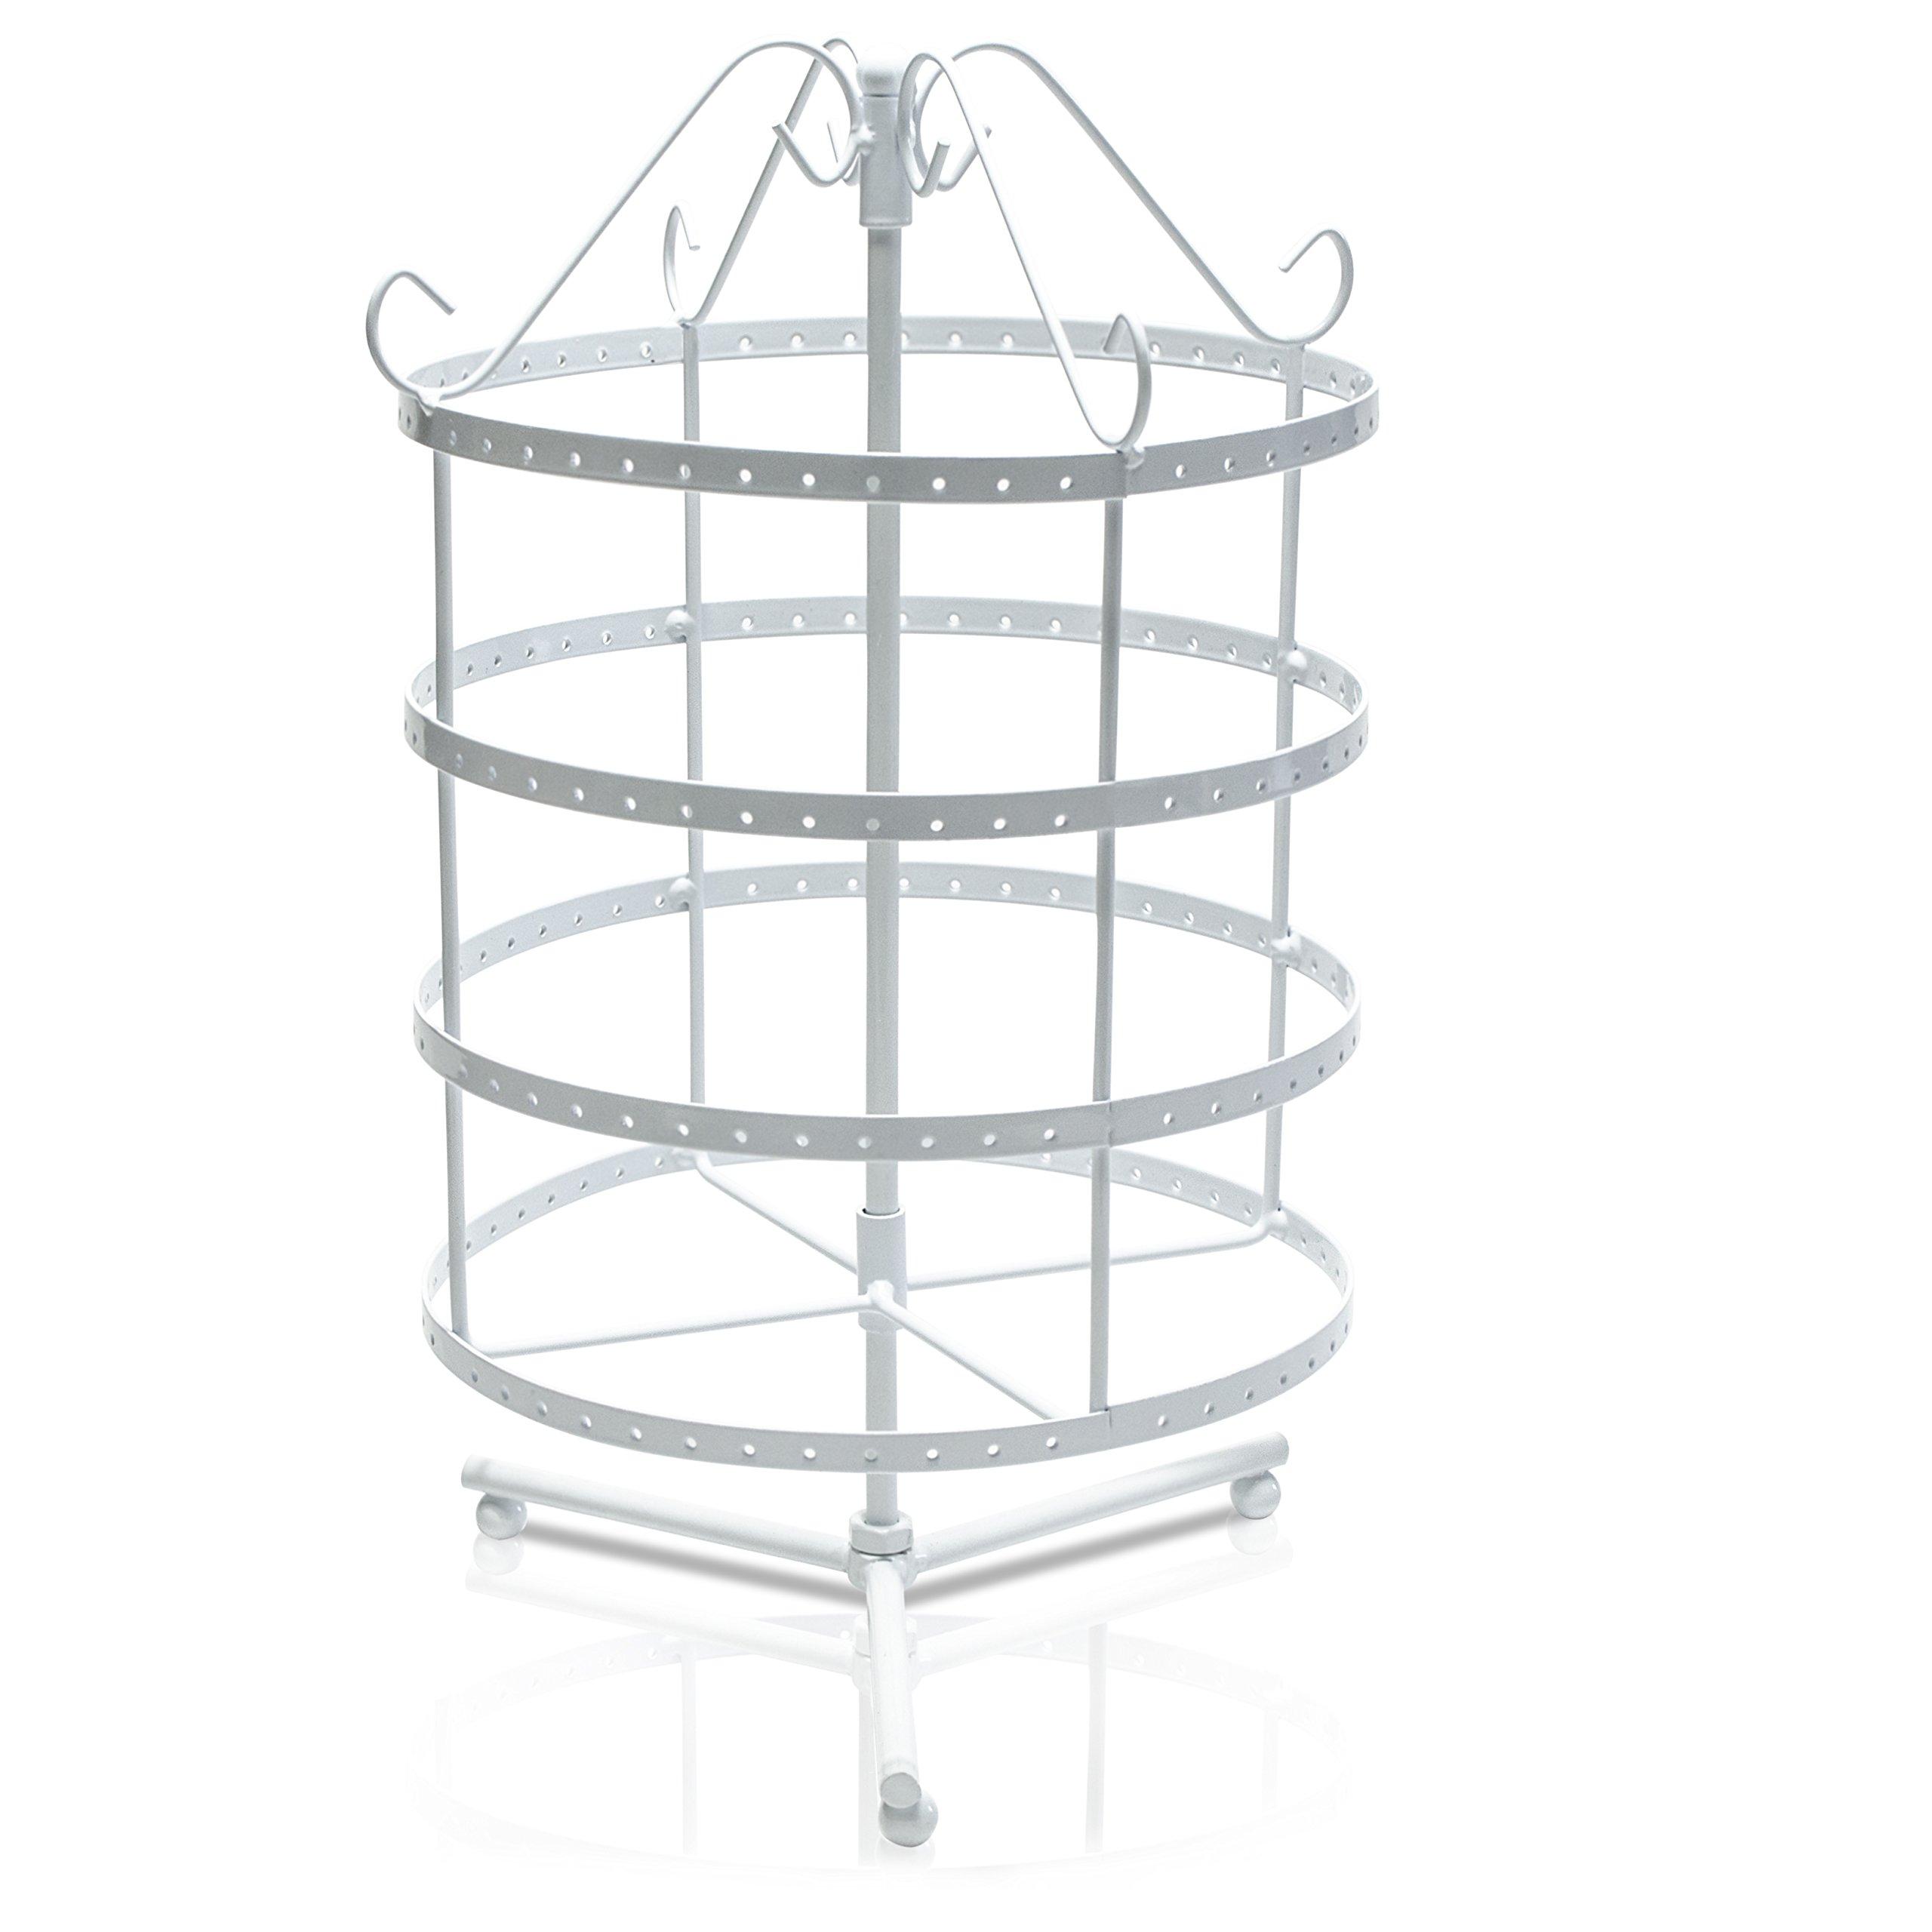 Schmuckständer Drehbar - Weiß ca. 35 x 27 x 27 cm - Schmuckhalter Ohrring Aufbewahrung und Präsentation - Grinscard